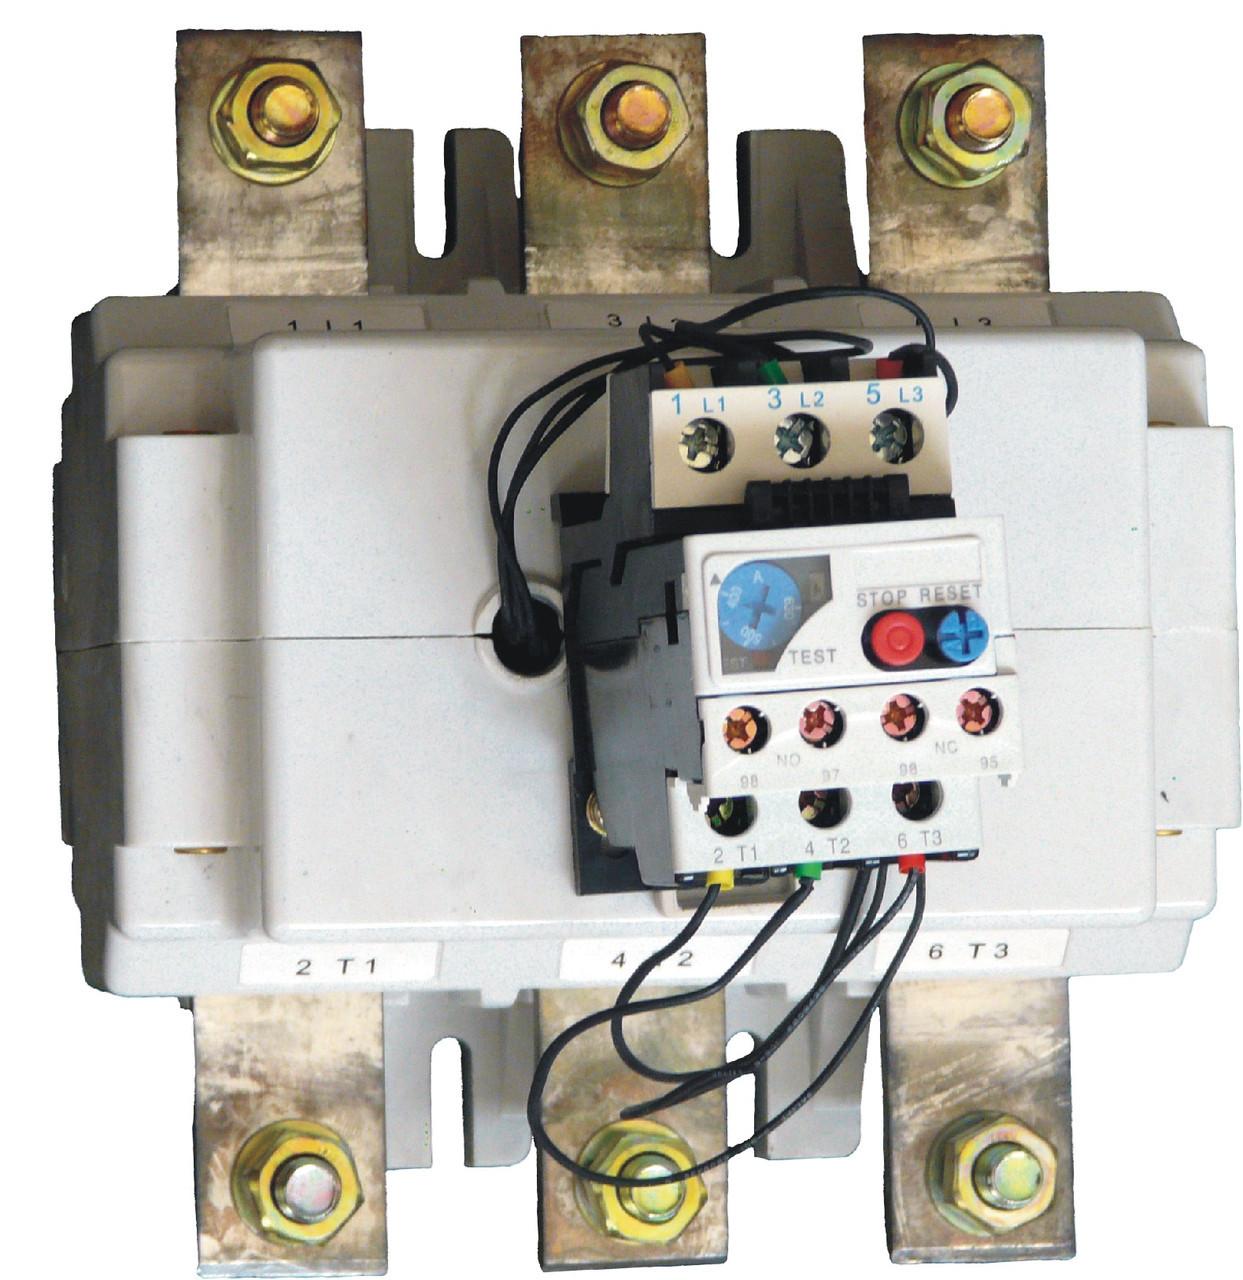 Реле теплове Промфактор РТ 2М-630, 200-630А, 1NO+1NC, Автономне